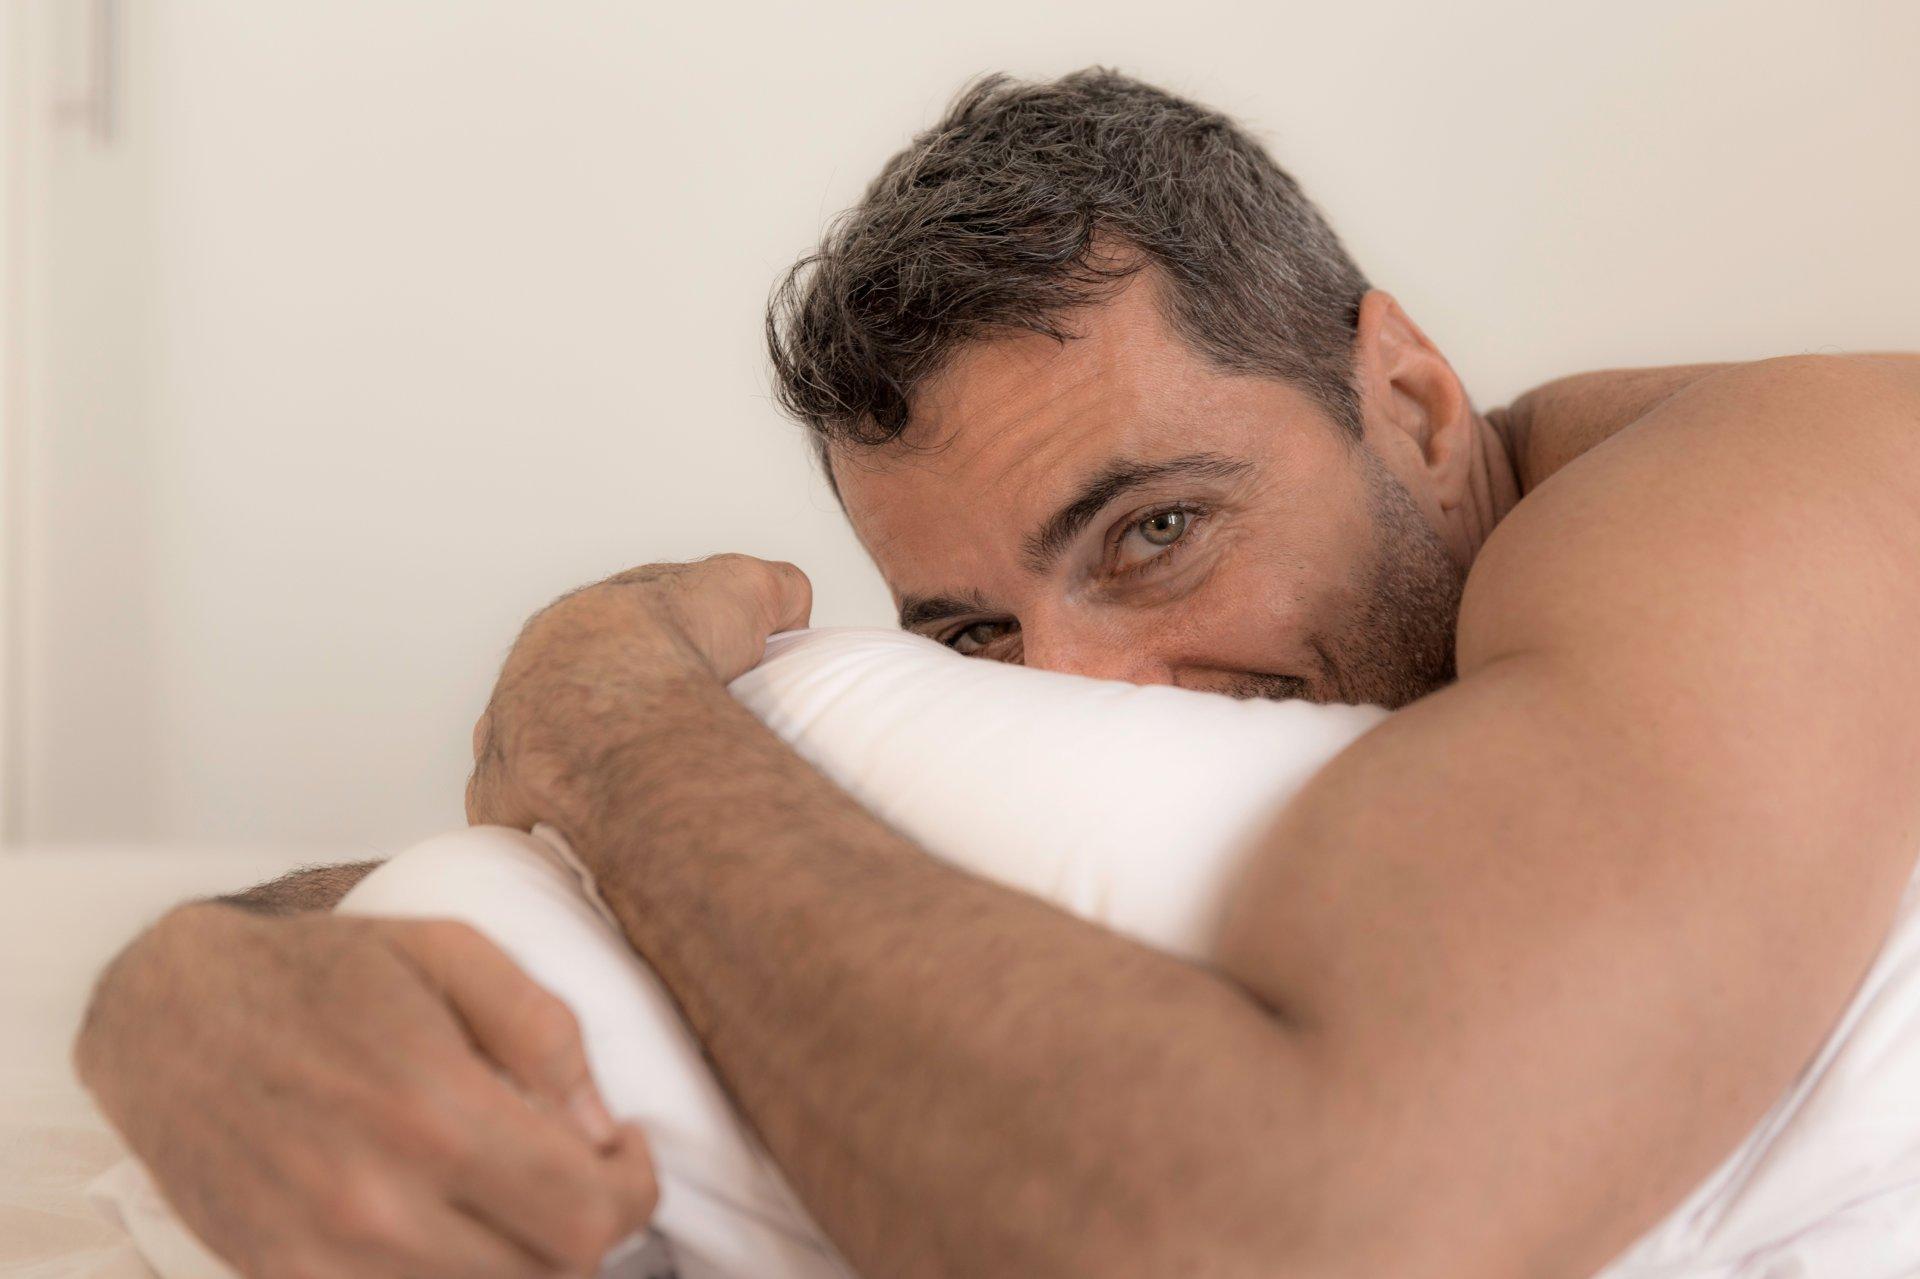 vaikinai kaip padidinti peni ilgalaikiai erekcijai